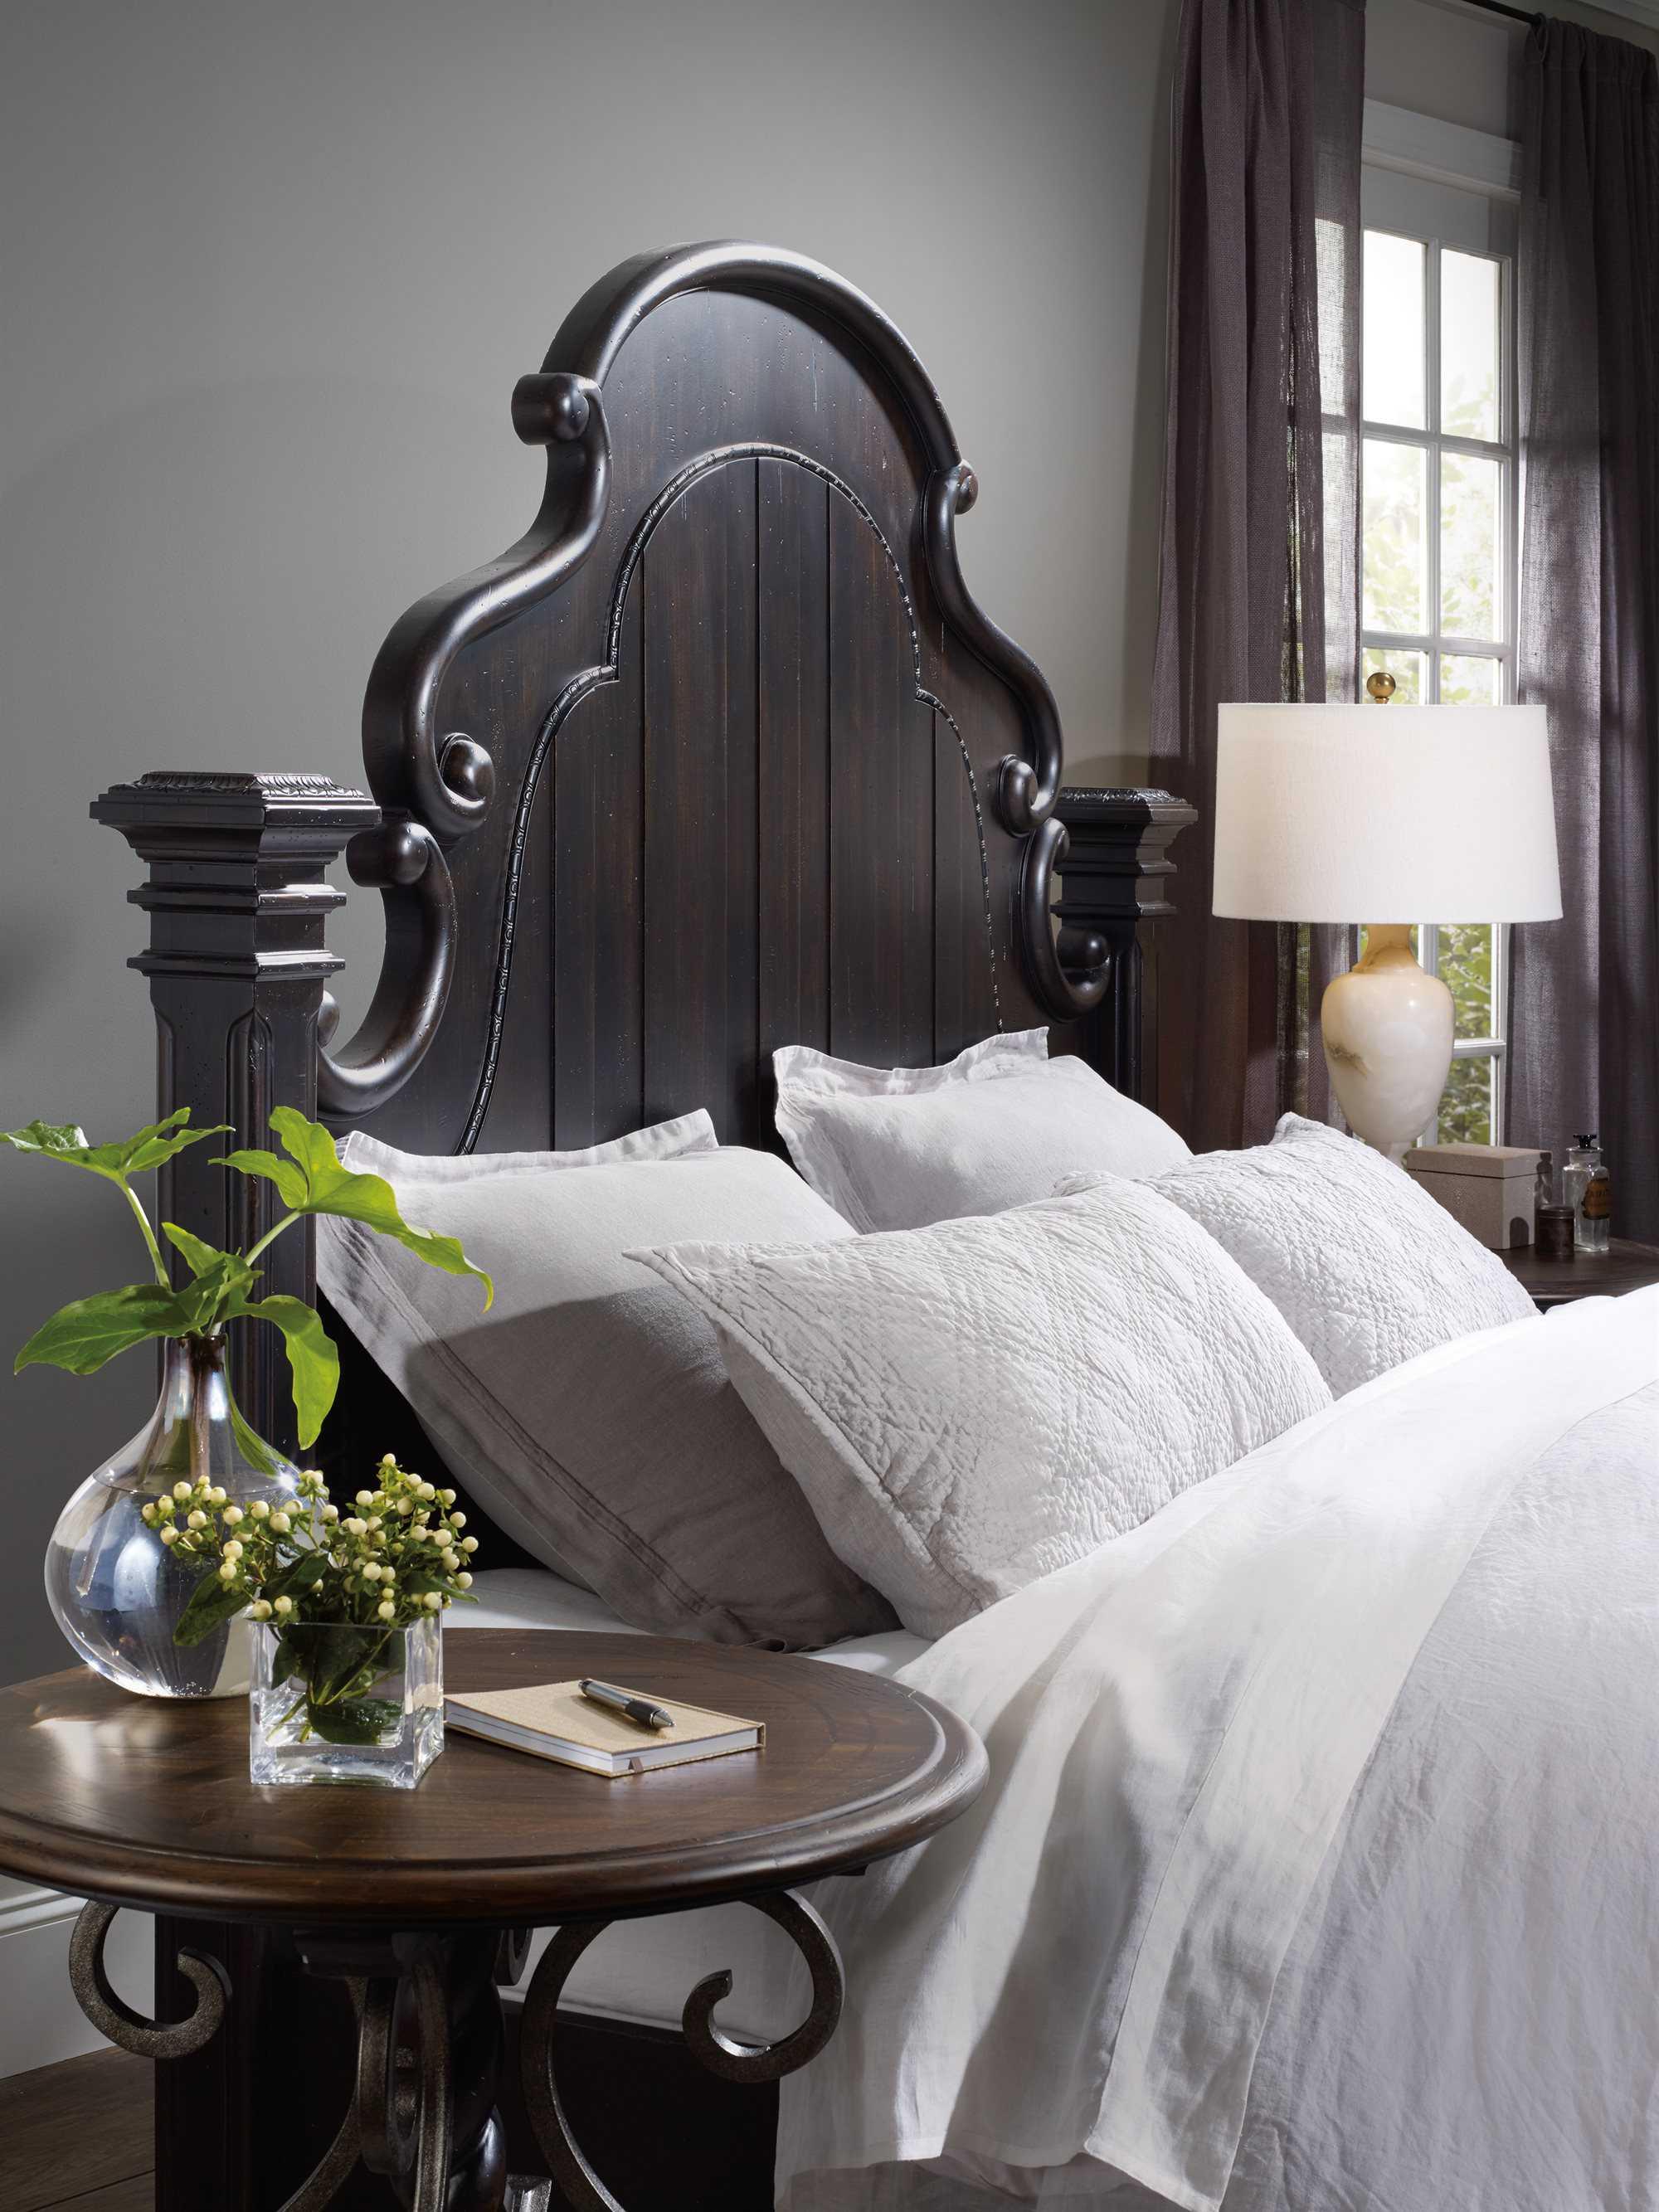 Hooker Furniture Treviso Wood Poster Bed Bedroom Set